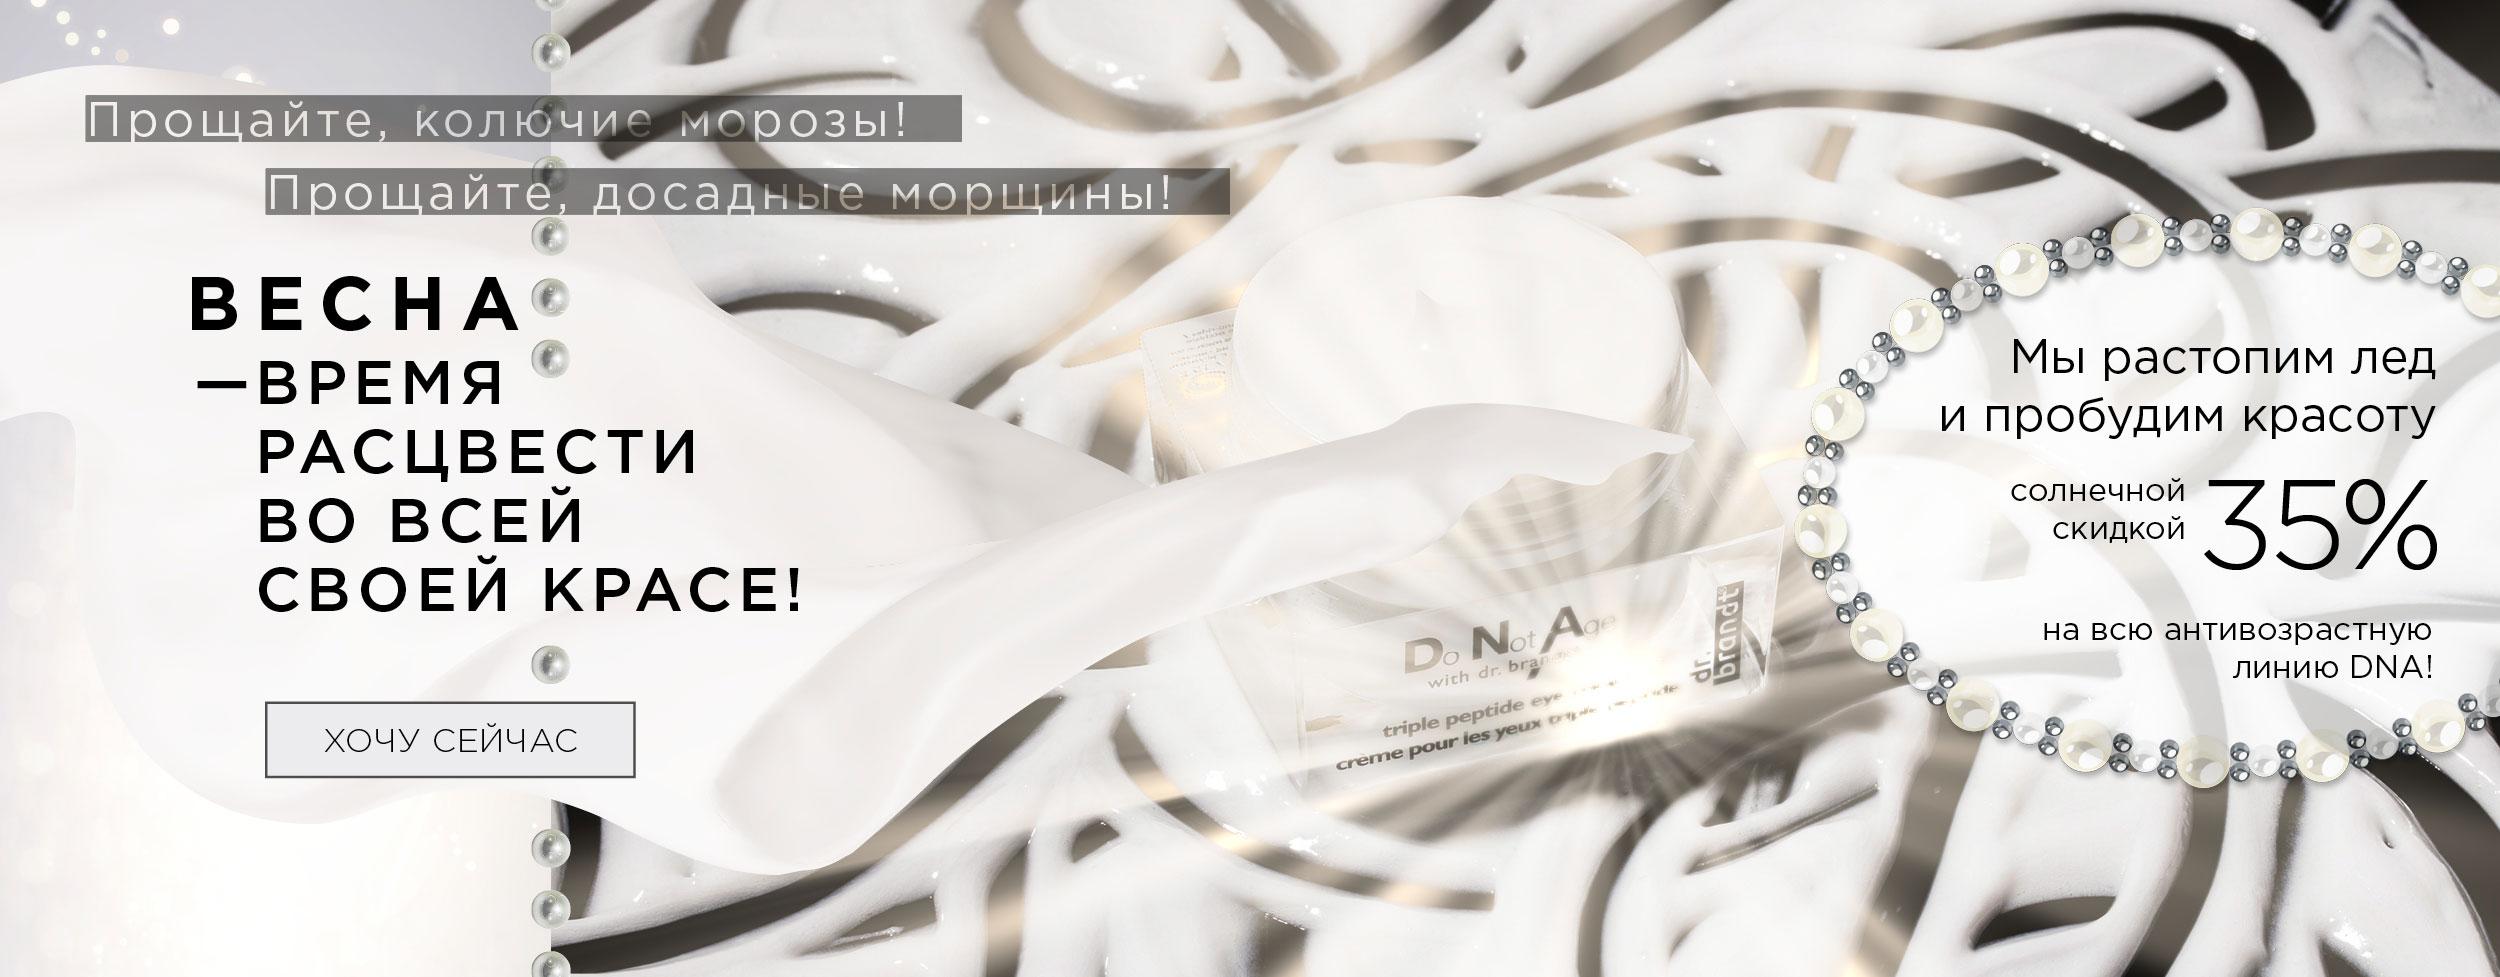 brandt-DNA-march-20212